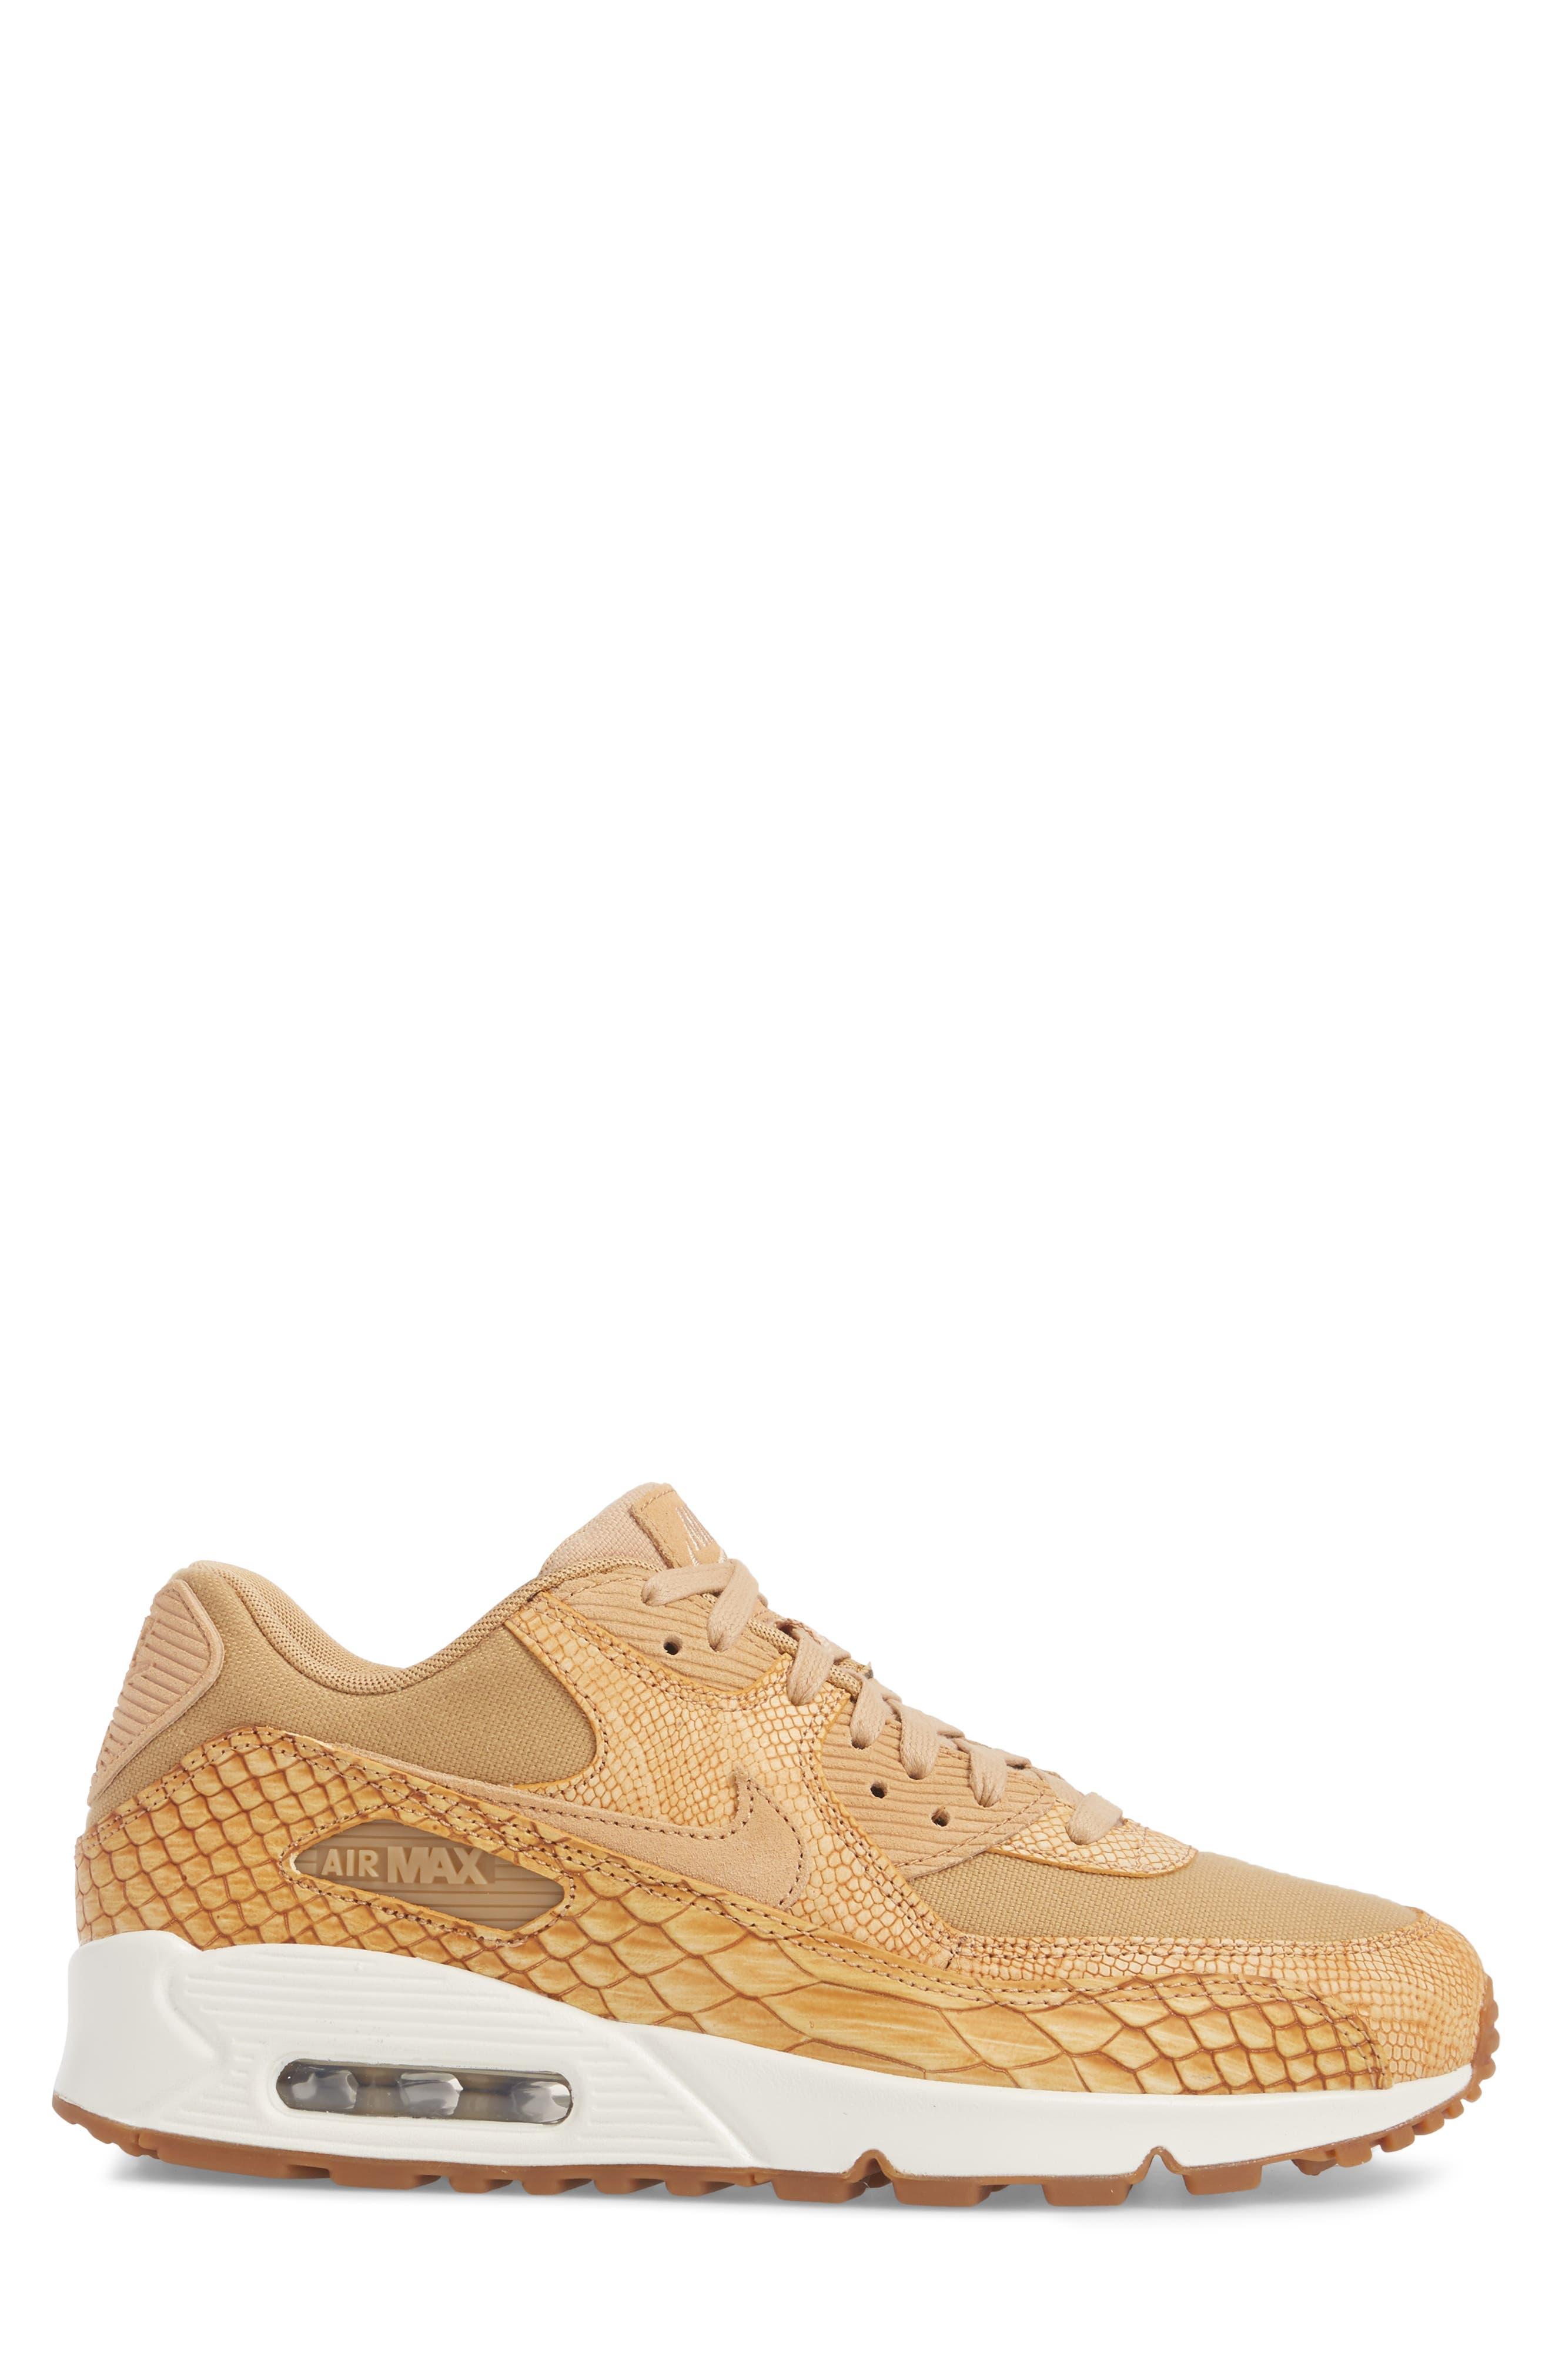 NIKE,                             Air Max 90 Premium Sneaker,                             Alternate thumbnail 3, color,                             200